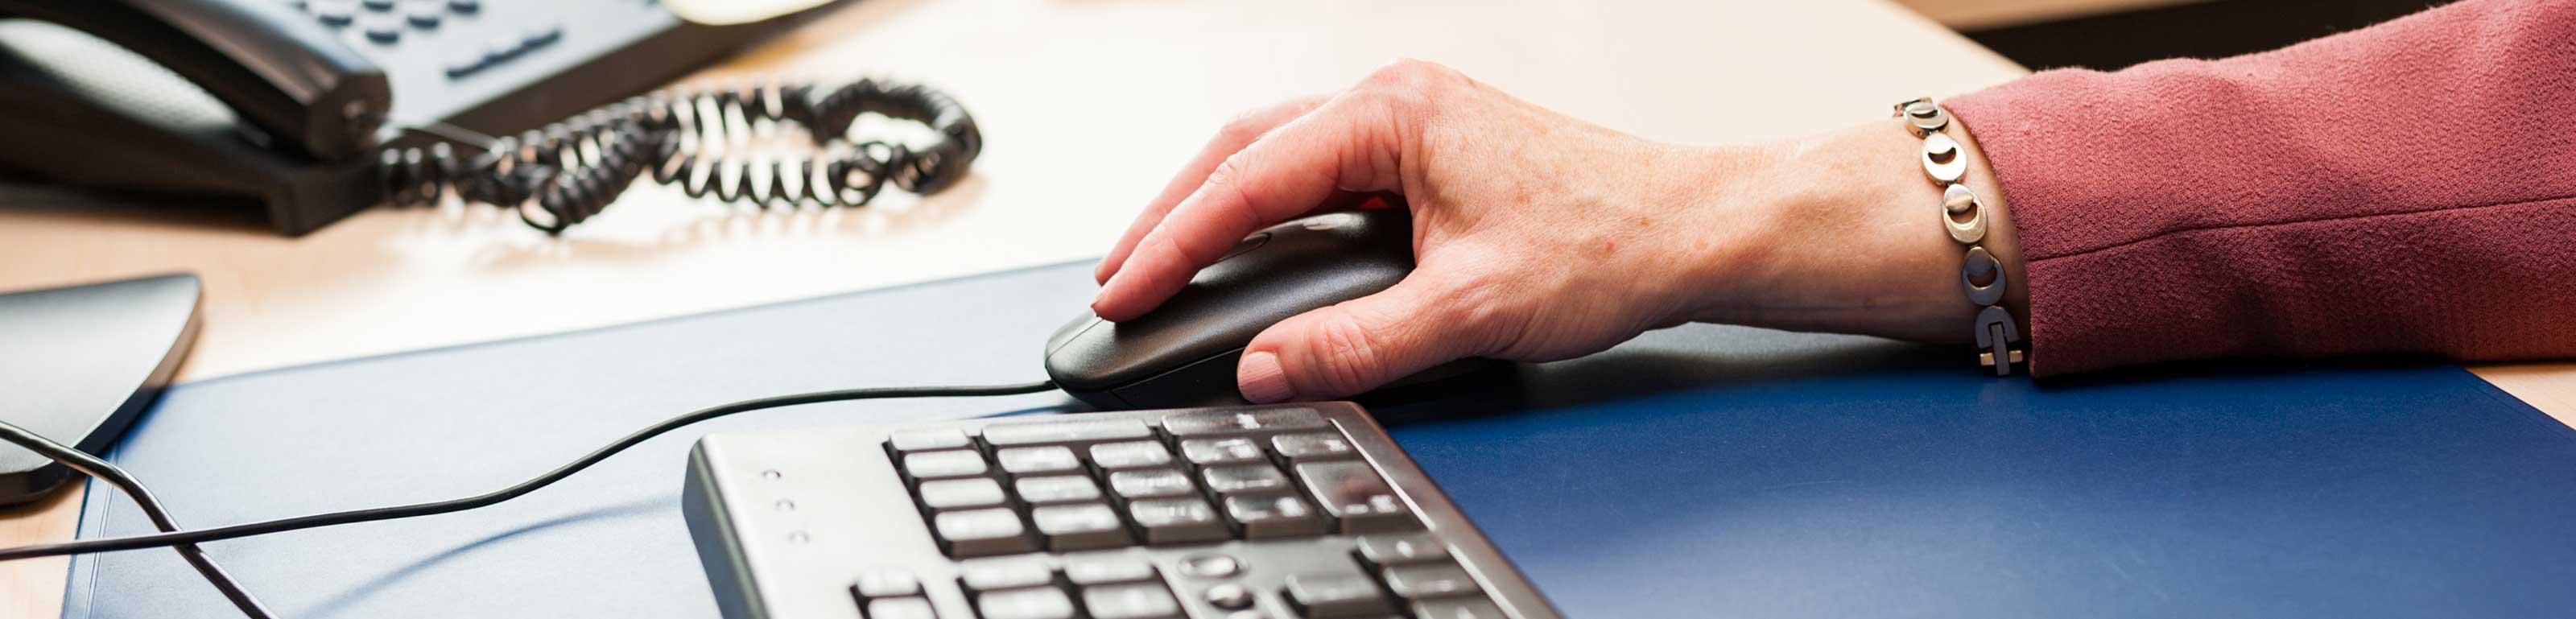 Tastatur und Hand die die Maus führt